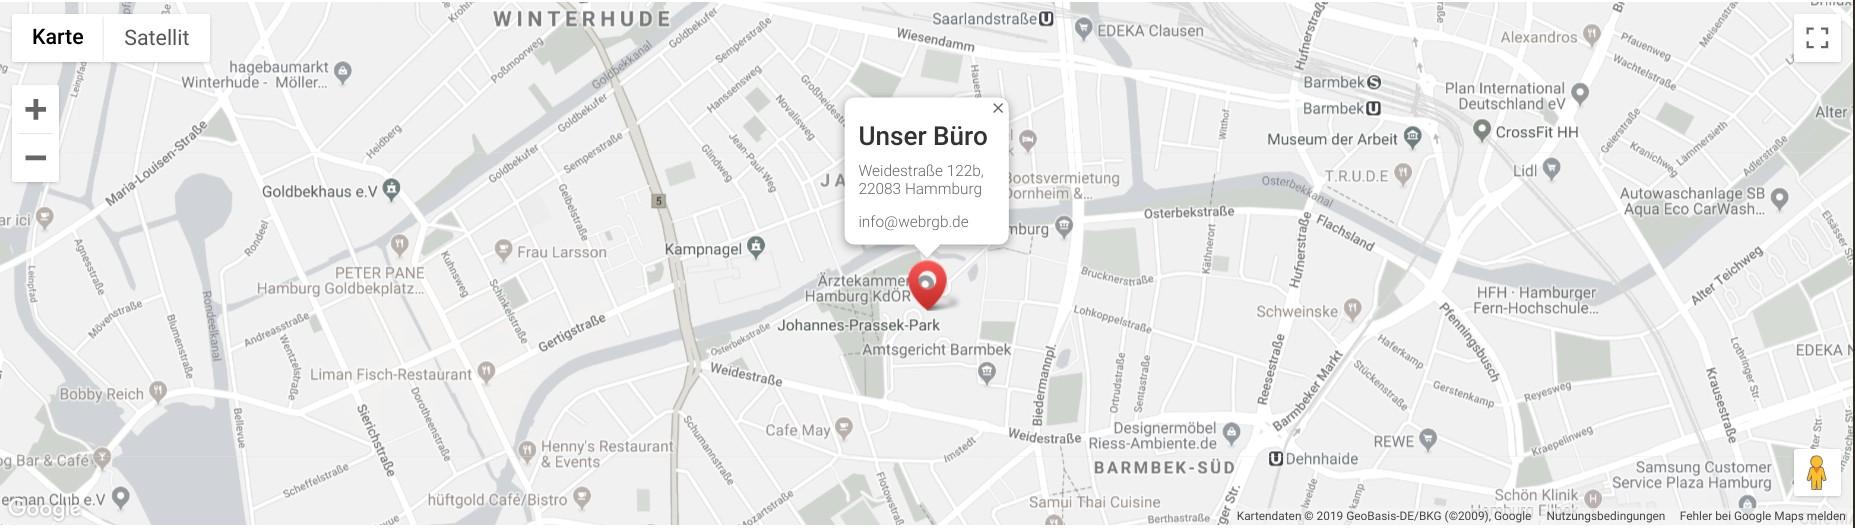 Internetagentur Webrgb auf der Google-Karte